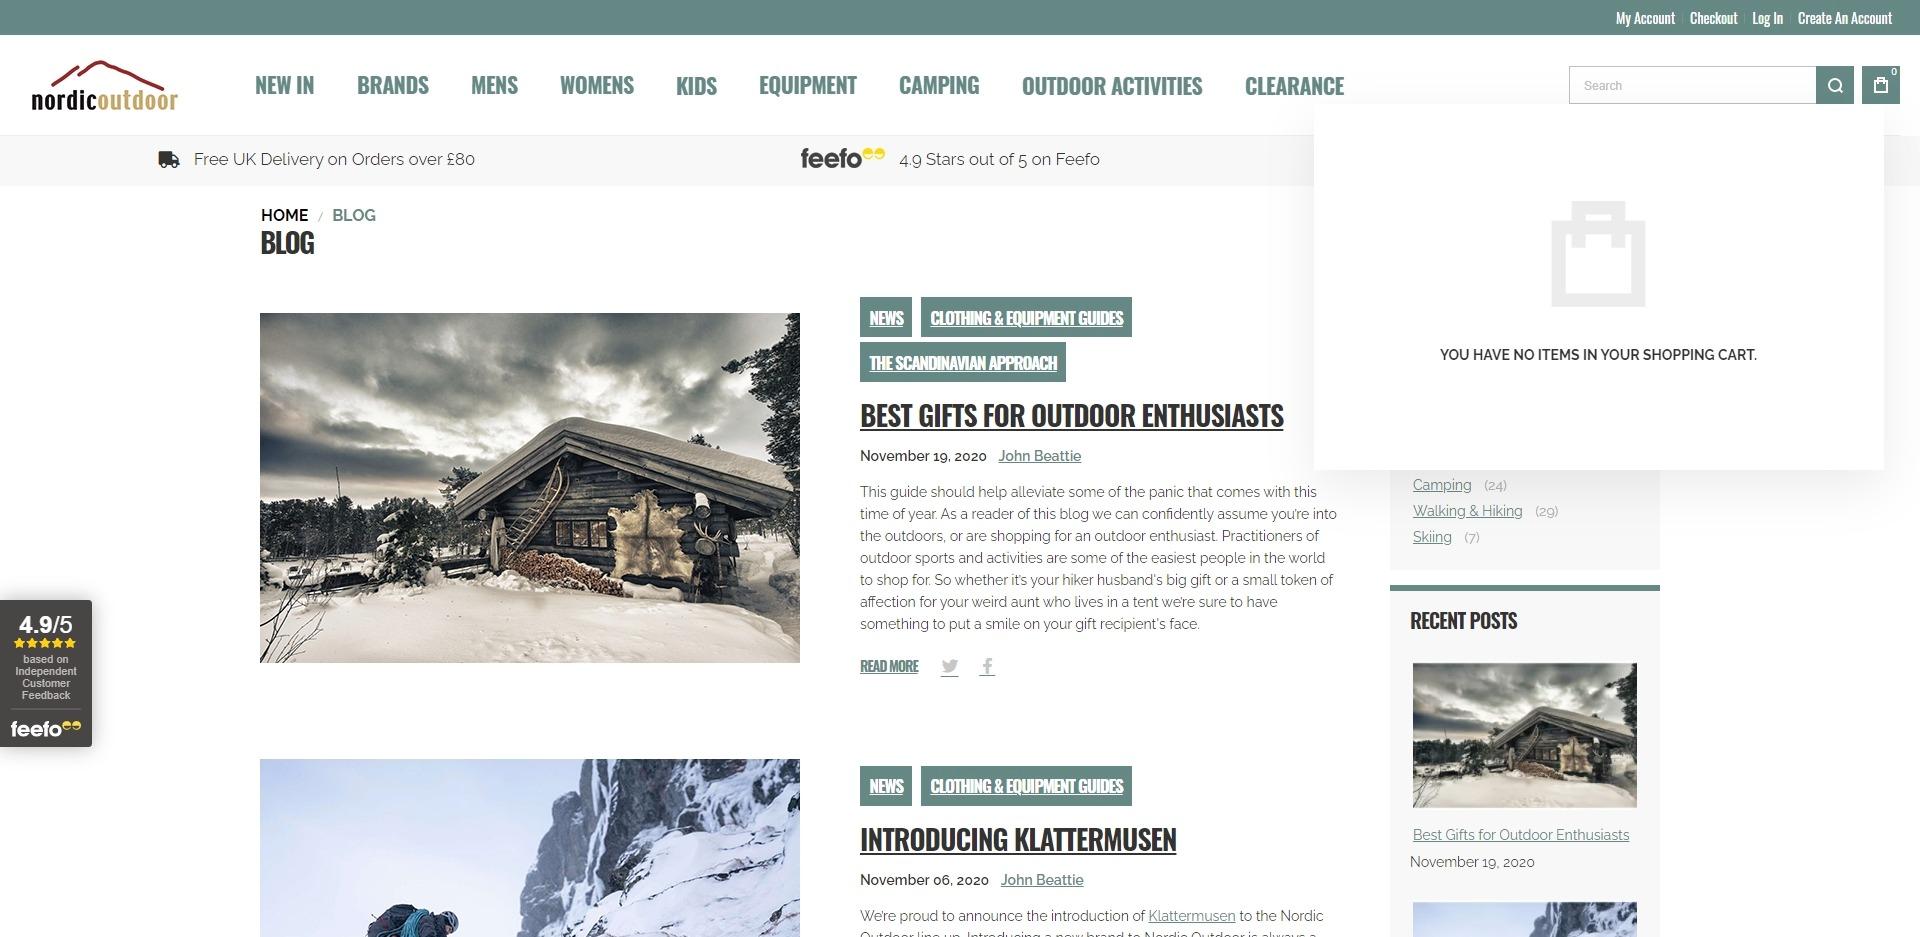 Nordic Outdoor Website Development Blog Posts